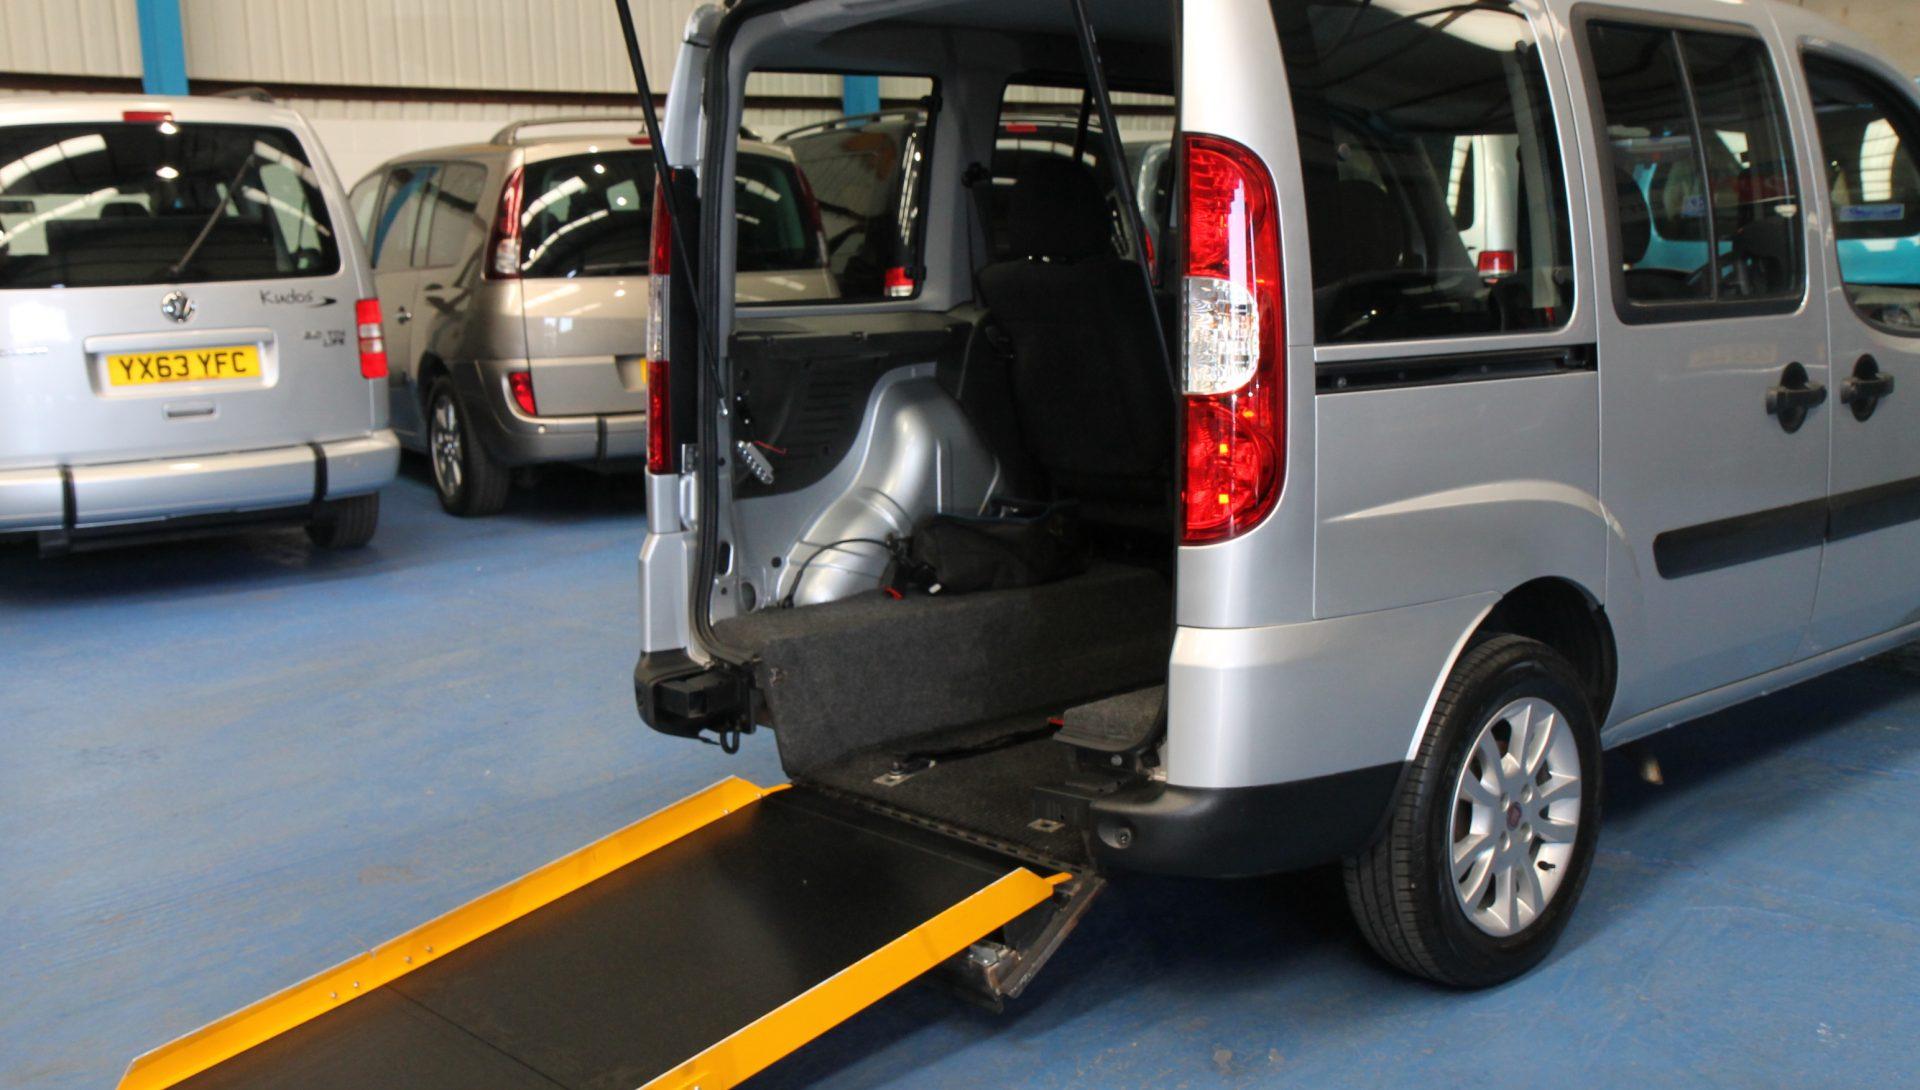 Doblo Wheelchair accessible car nk11 (1)